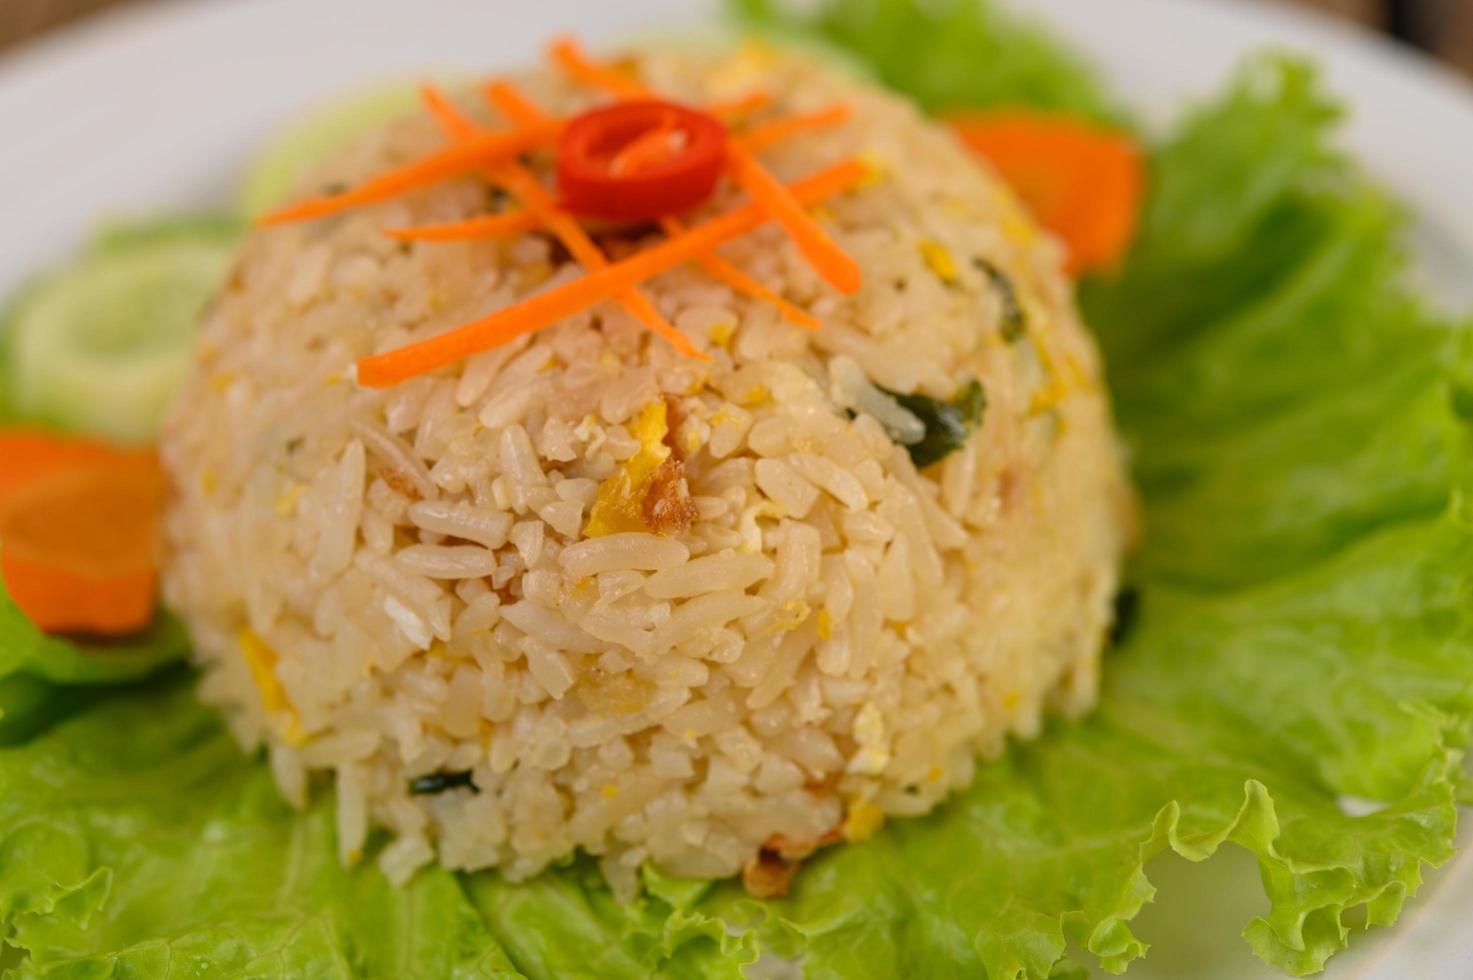 gebratener Reis auf einem weißen Teller mit Salat und Beilage foto